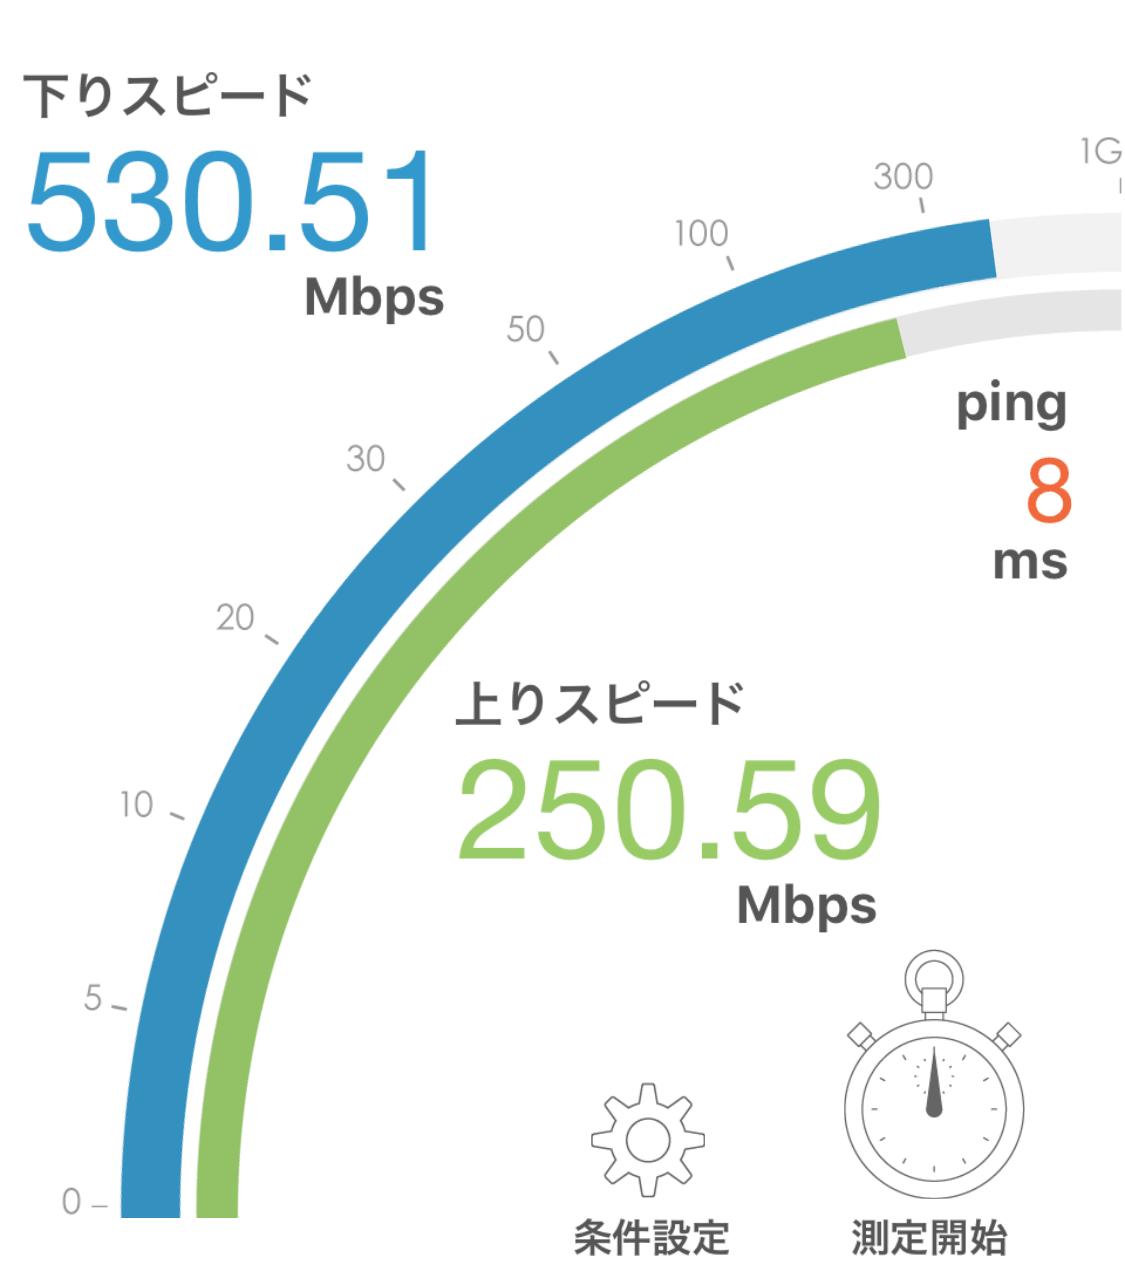 ニューロ光 Wi-Fi実測 2019年3月 計測結果